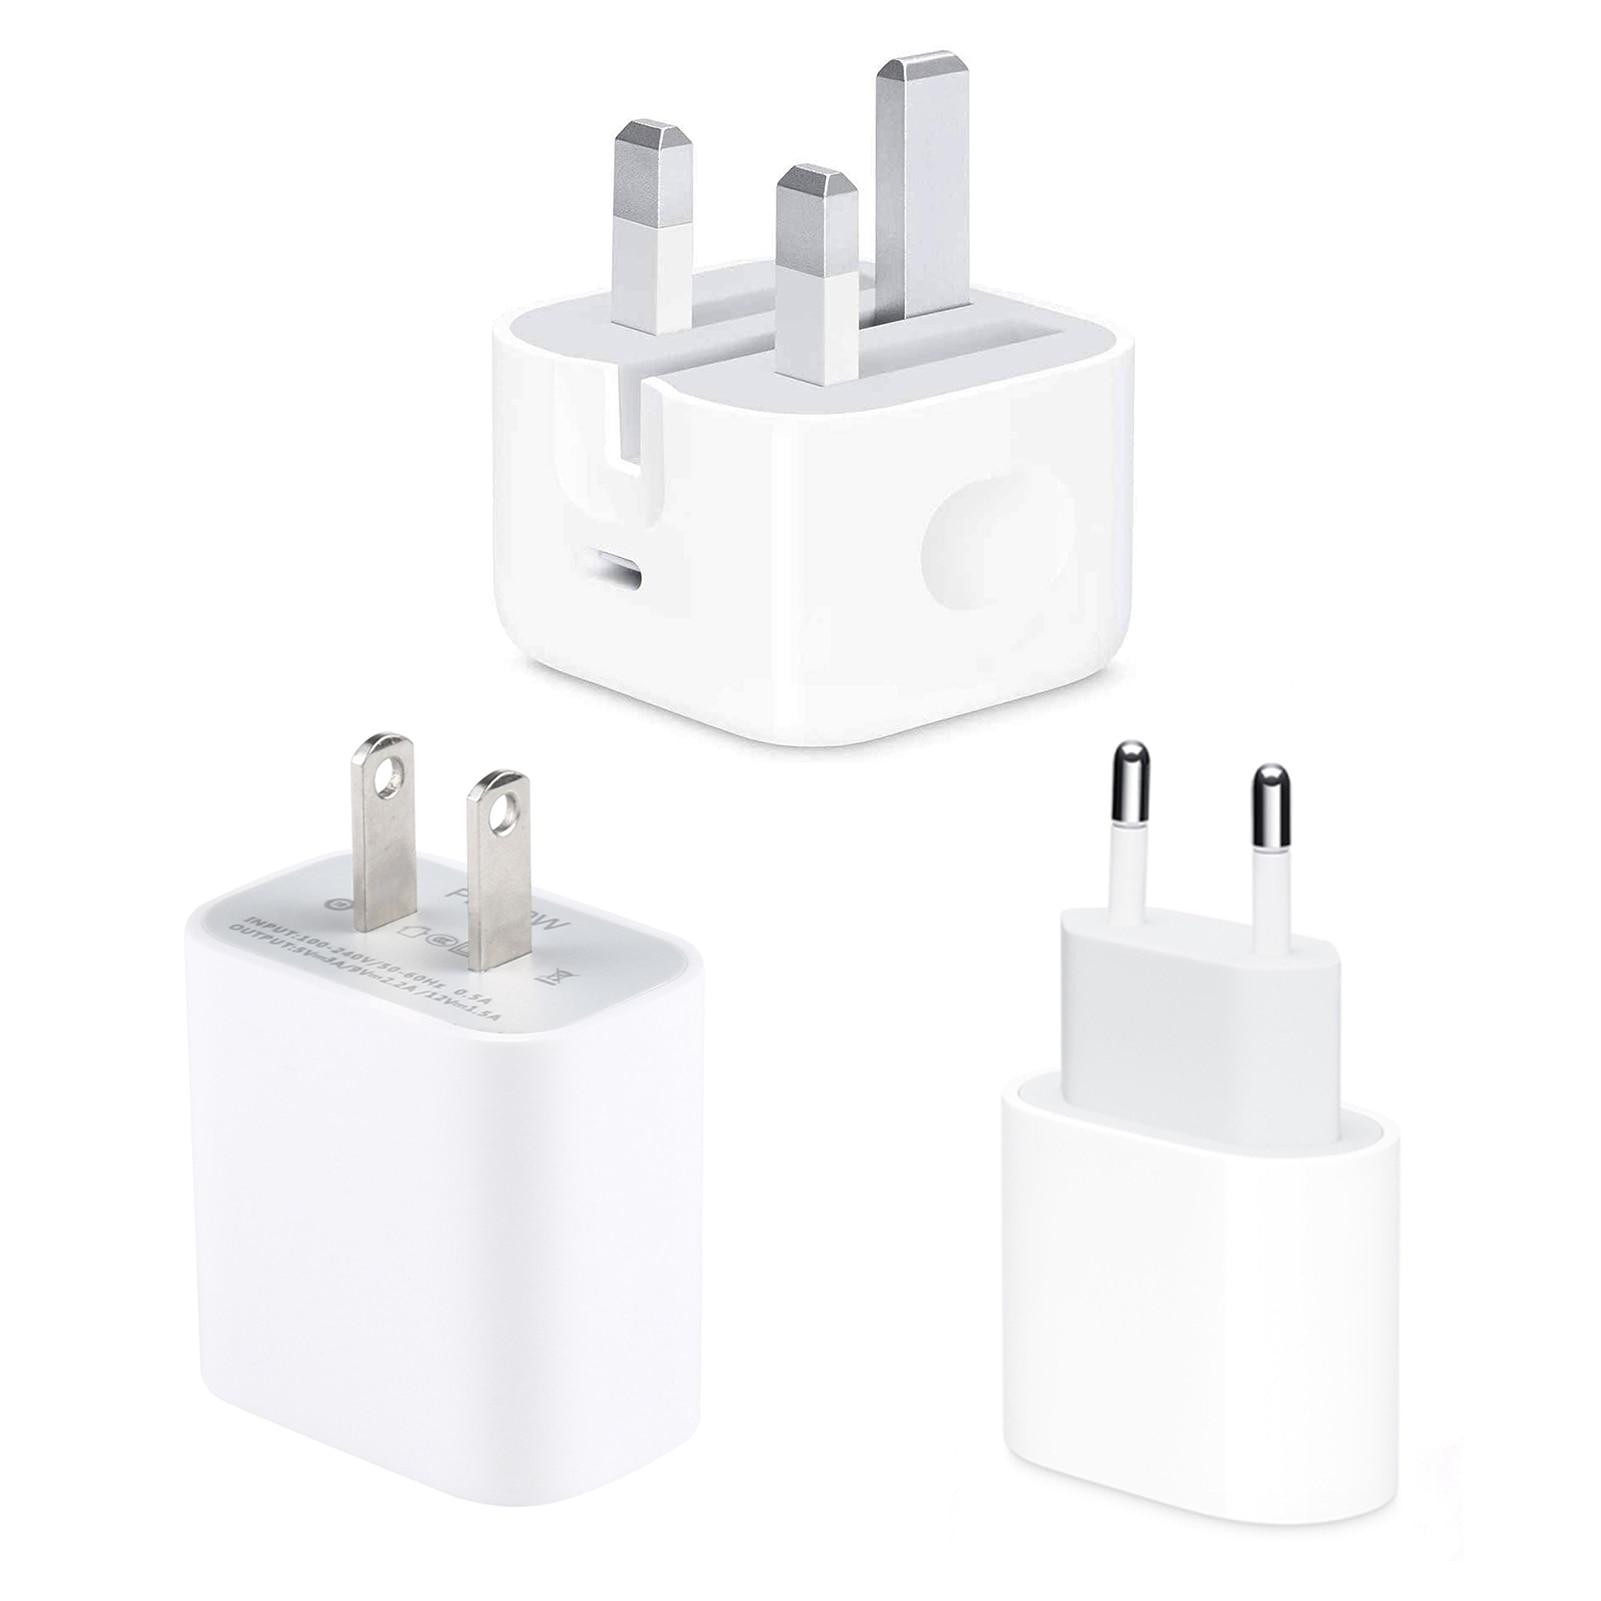 Novo 20w pd para iphone 12 USB-C cabo adaptador de alimentação carregador reino unido/eua/ue plugue do telefone inteligente carregador rápido para iphone 12/x/8